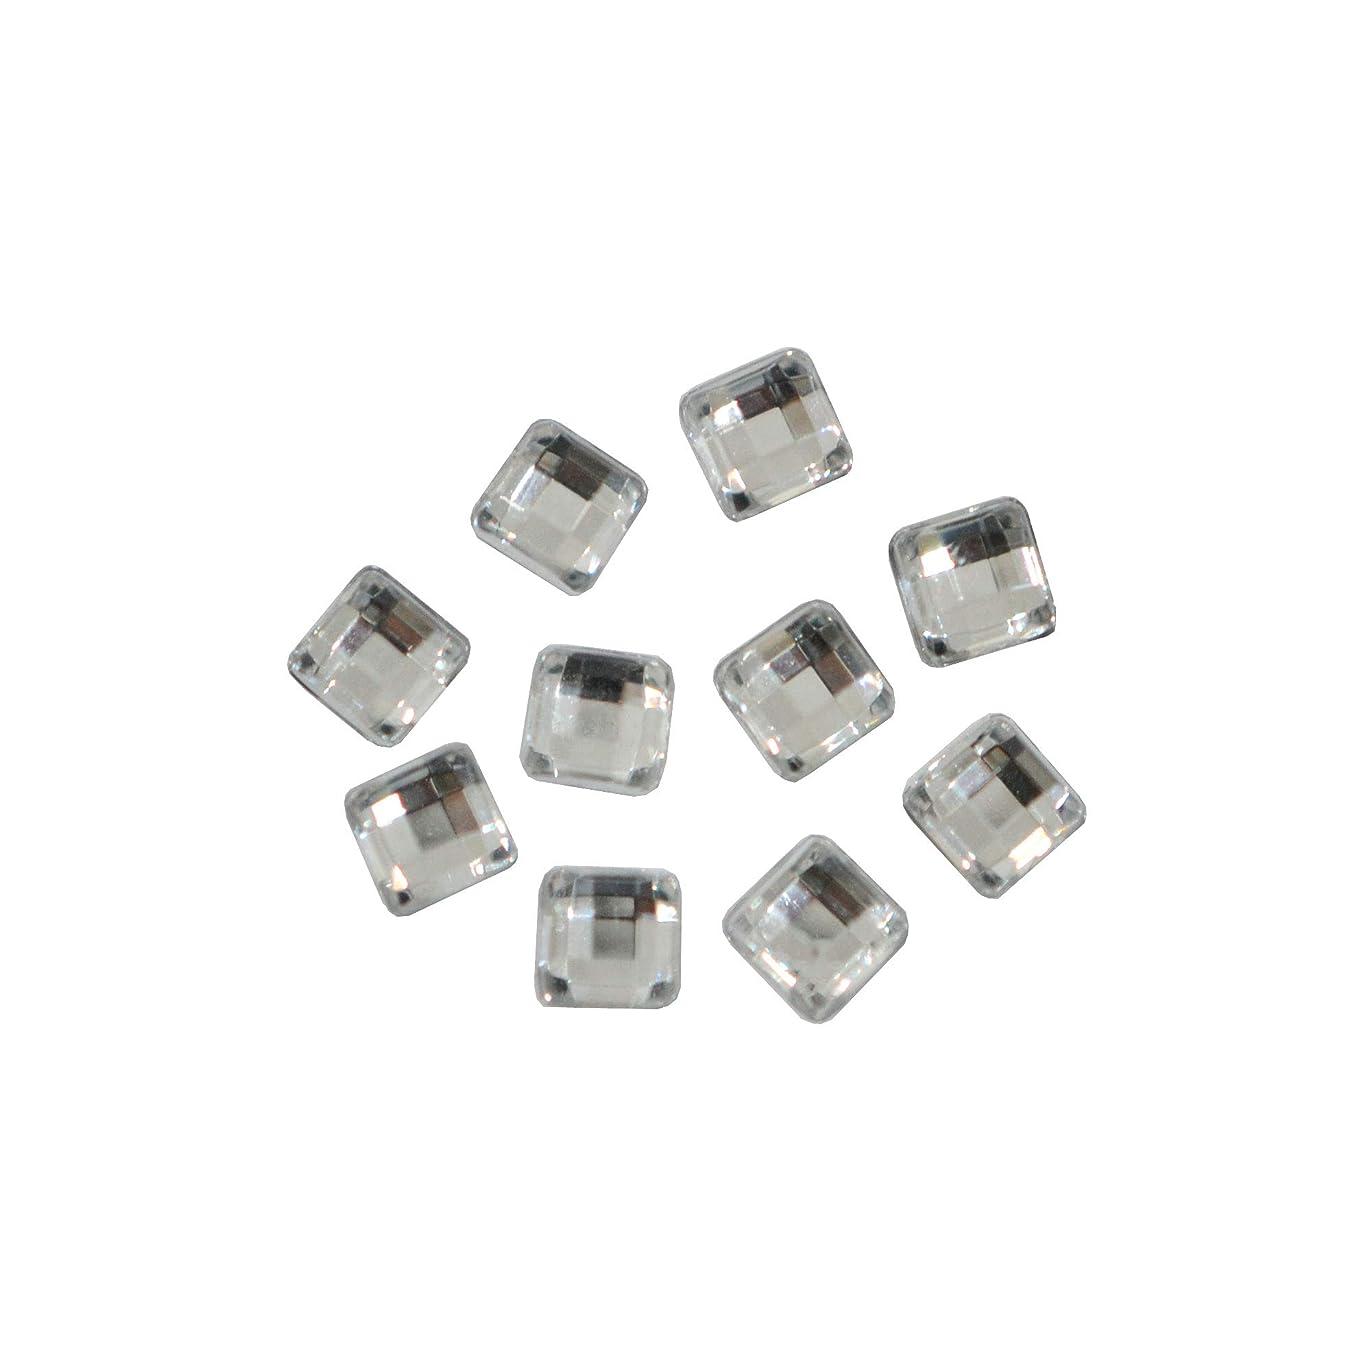 れるアンドリューハリディまだらスクエアストーン 30粒 / 色々使える四角いアクリルストーン (クリスタル 4mm)